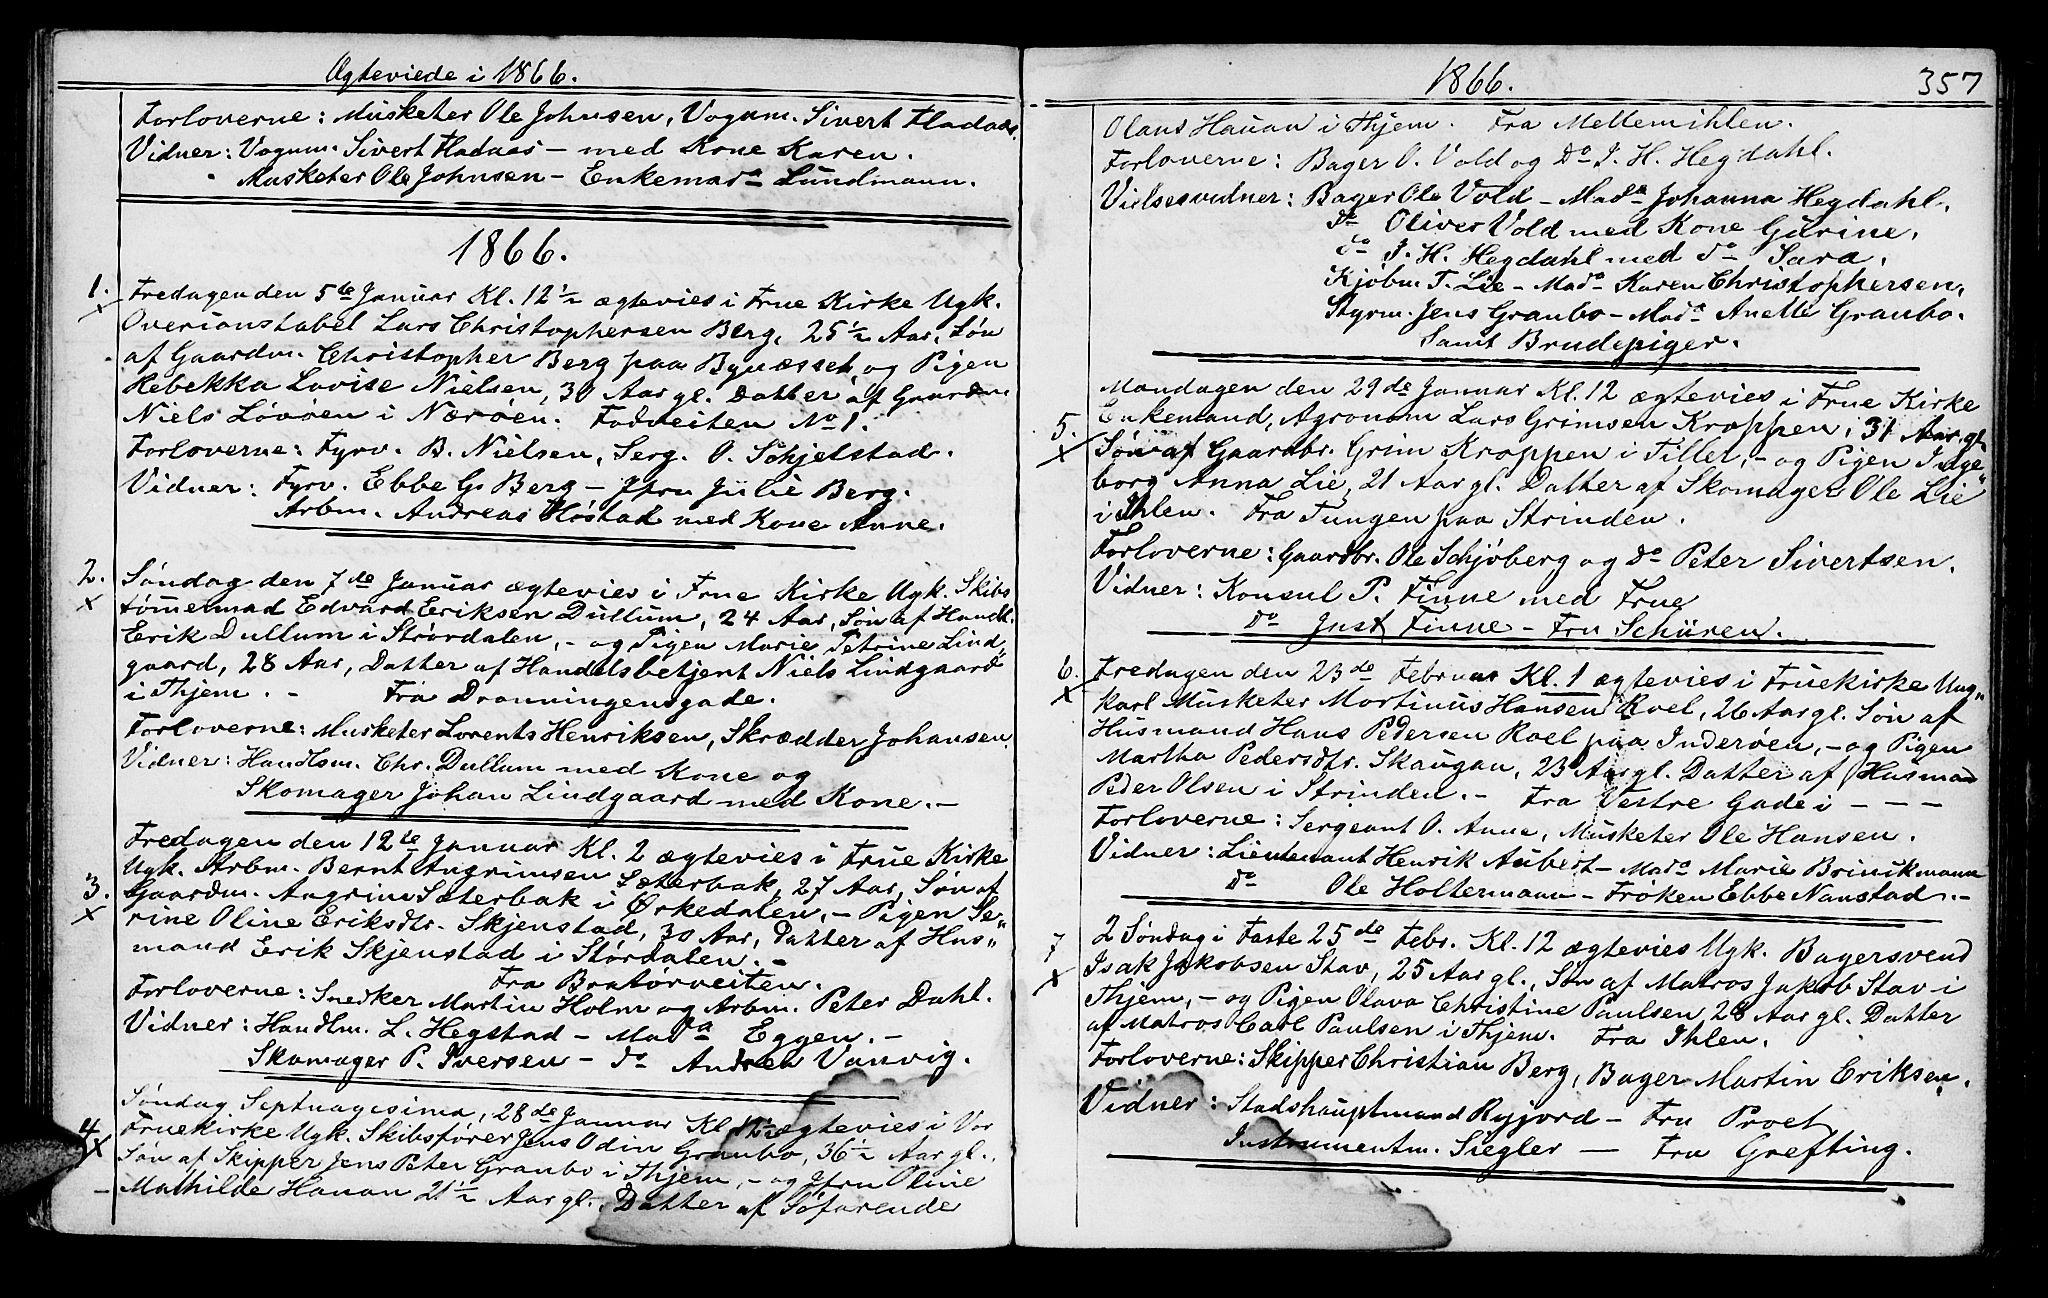 SAT, Ministerialprotokoller, klokkerbøker og fødselsregistre - Sør-Trøndelag, 602/L0140: Klokkerbok nr. 602C08, 1864-1872, s. 356-357